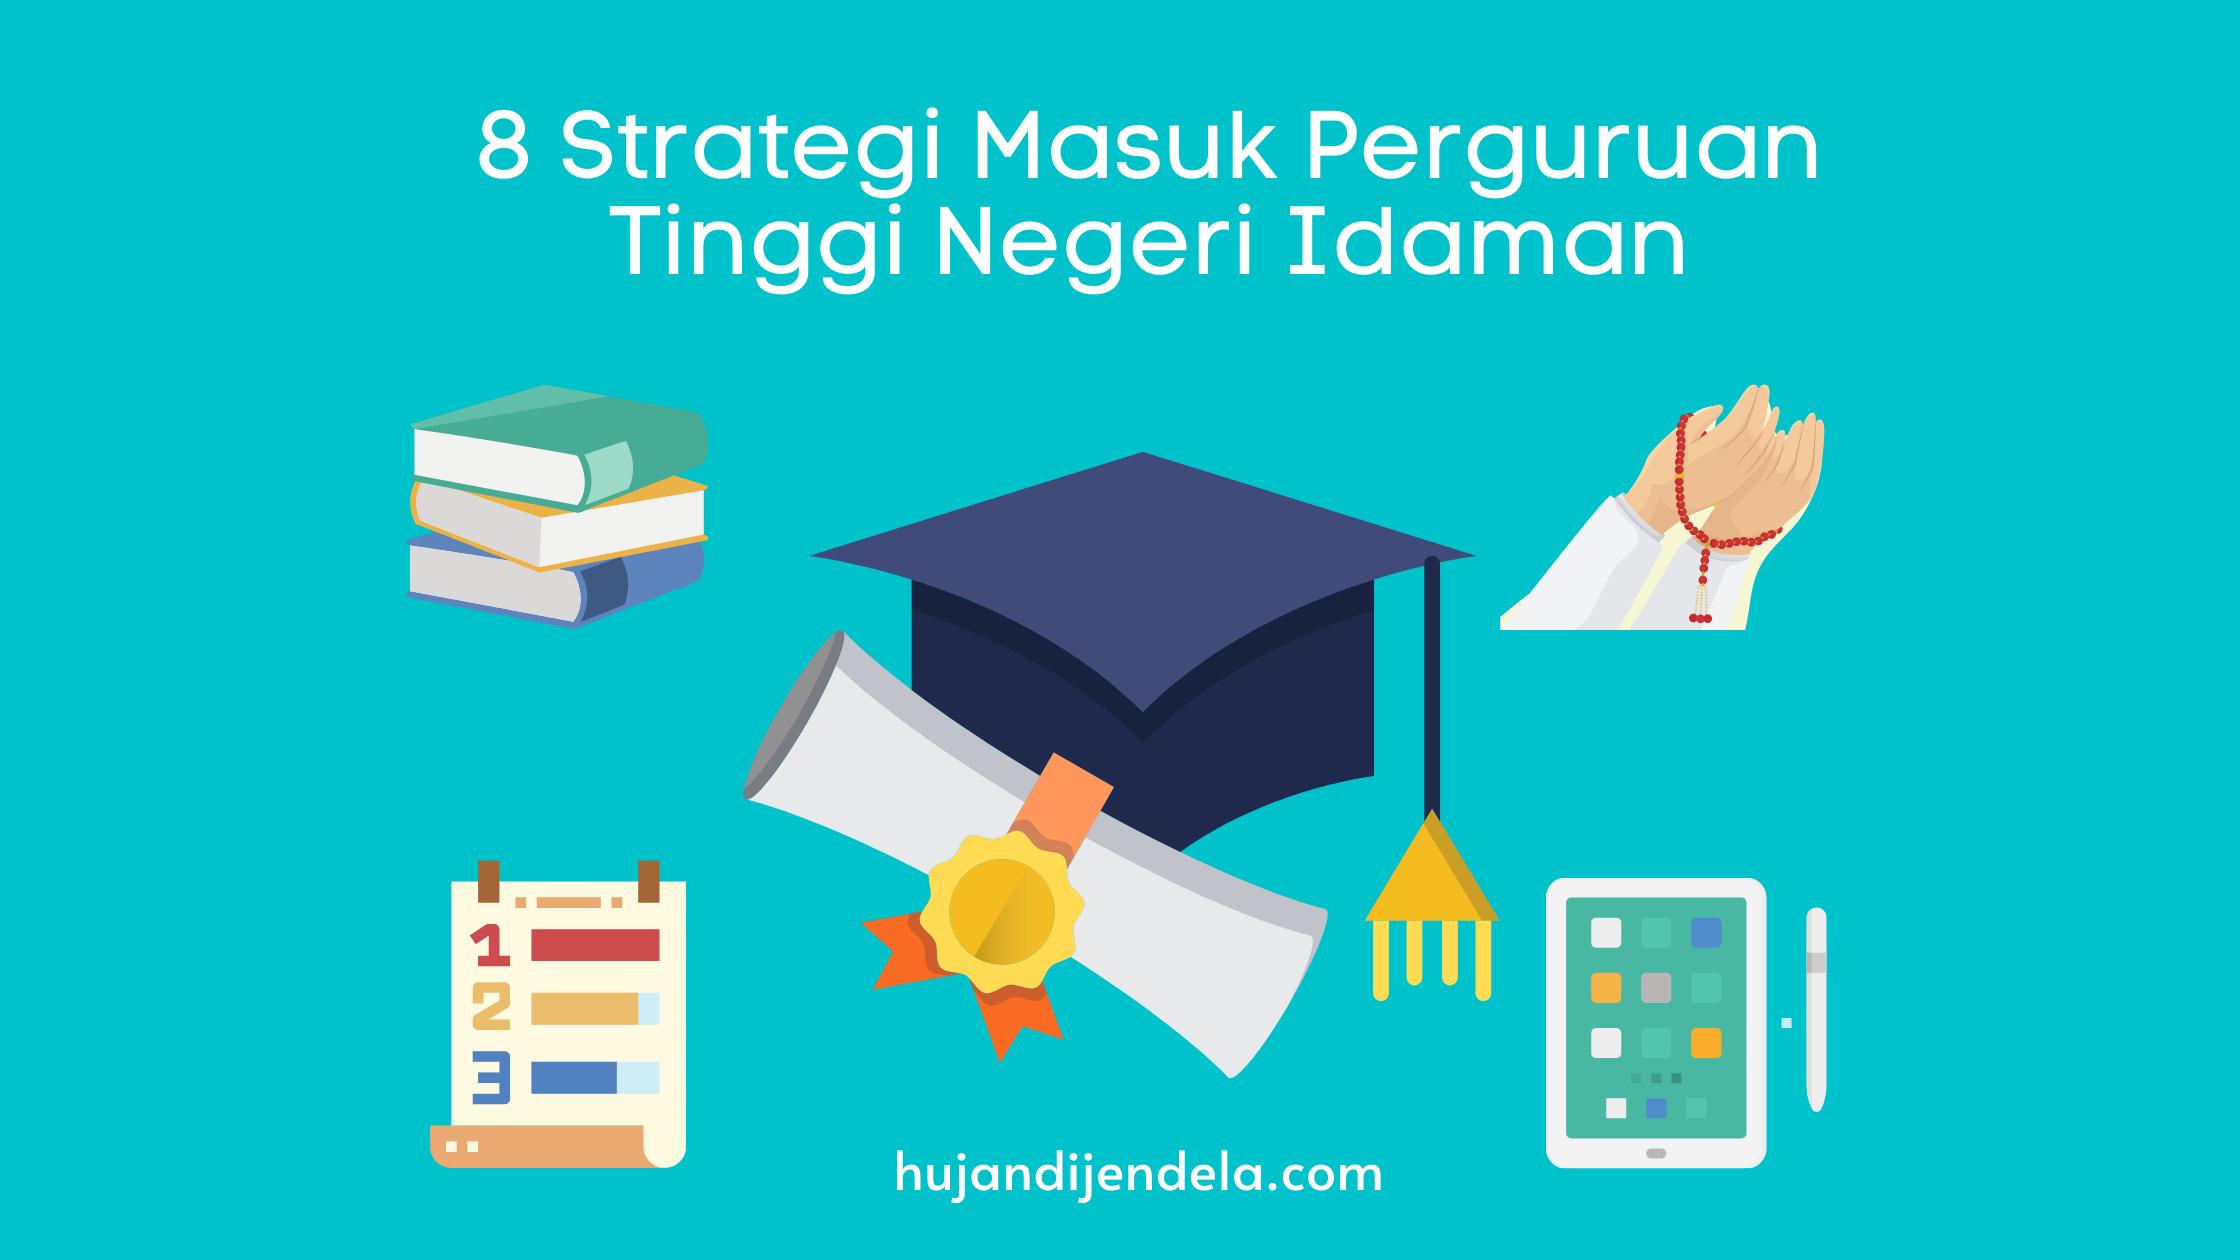 8 Strategi Masuk Perguruan Tinggi Negeri Idaman.png